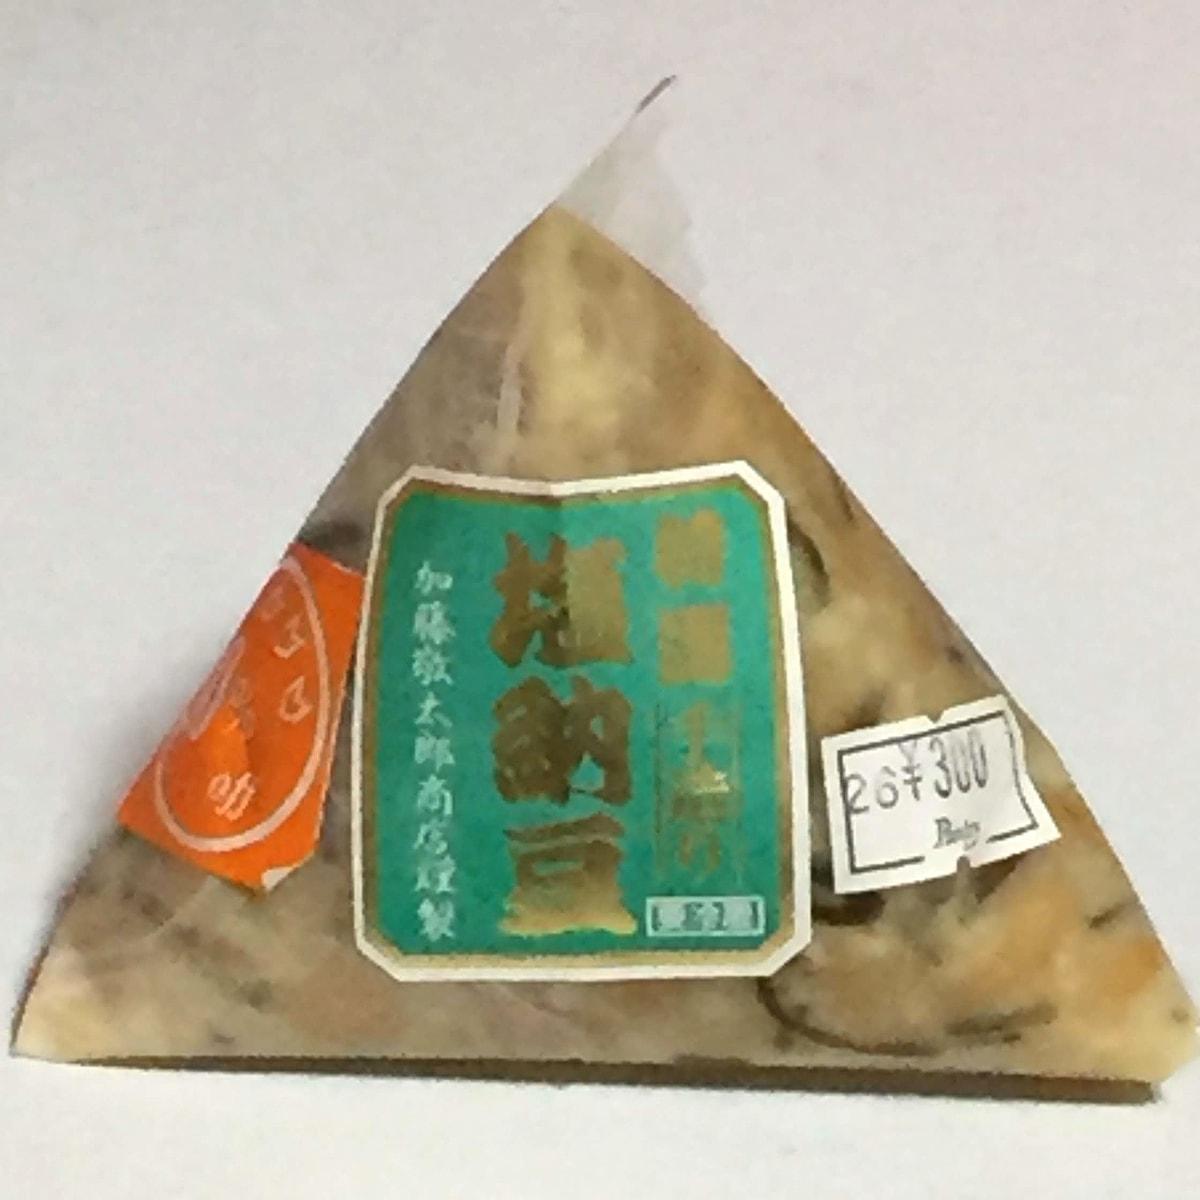 加藤敬太郎商店「特選 塩納豆」